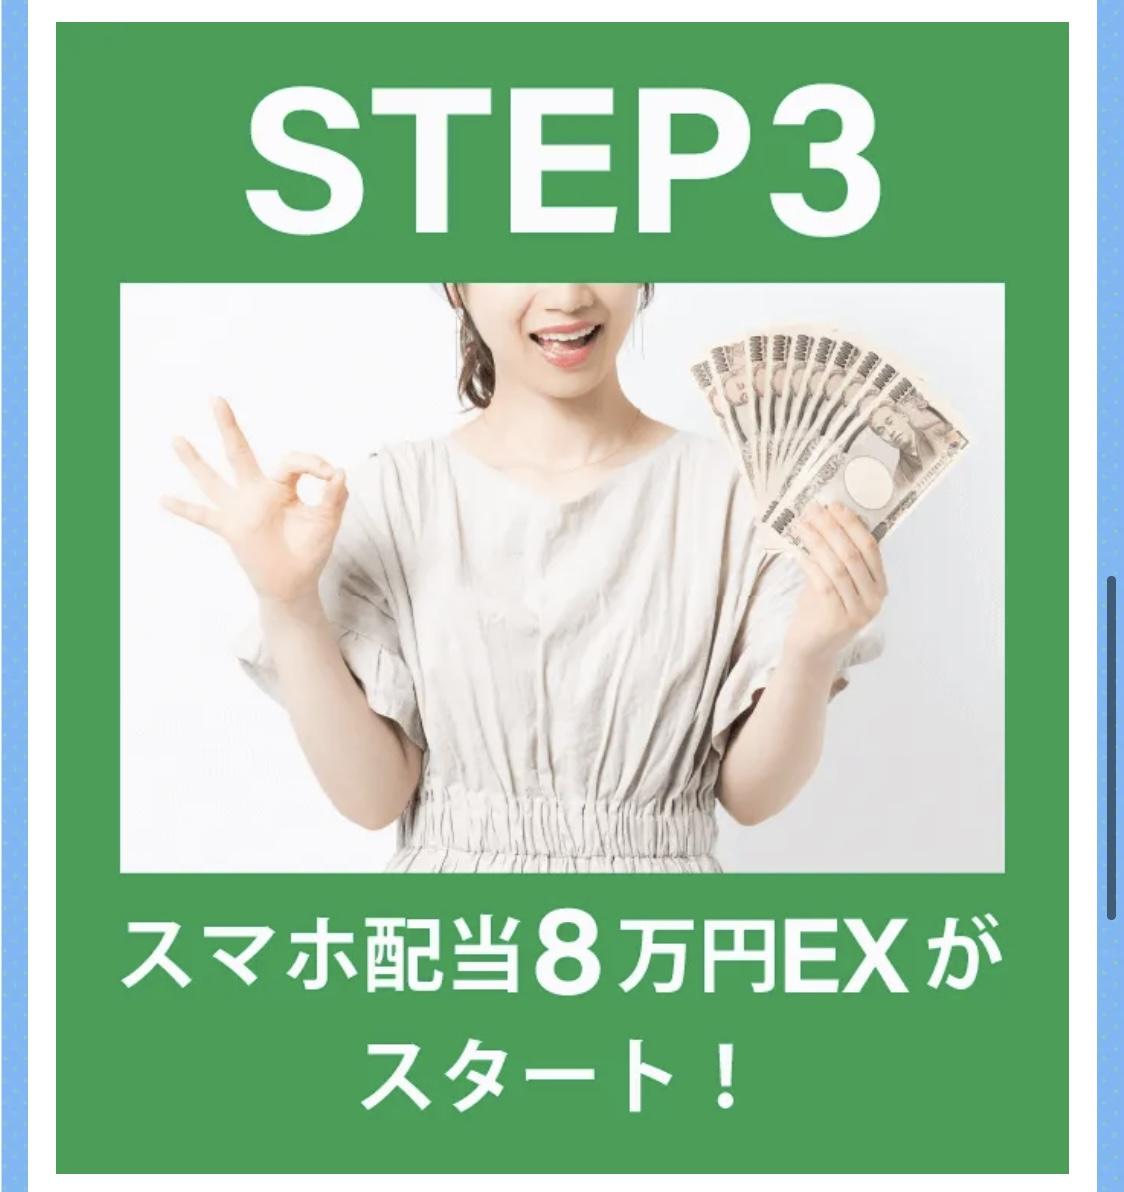 スマホ配当8万円始め方3